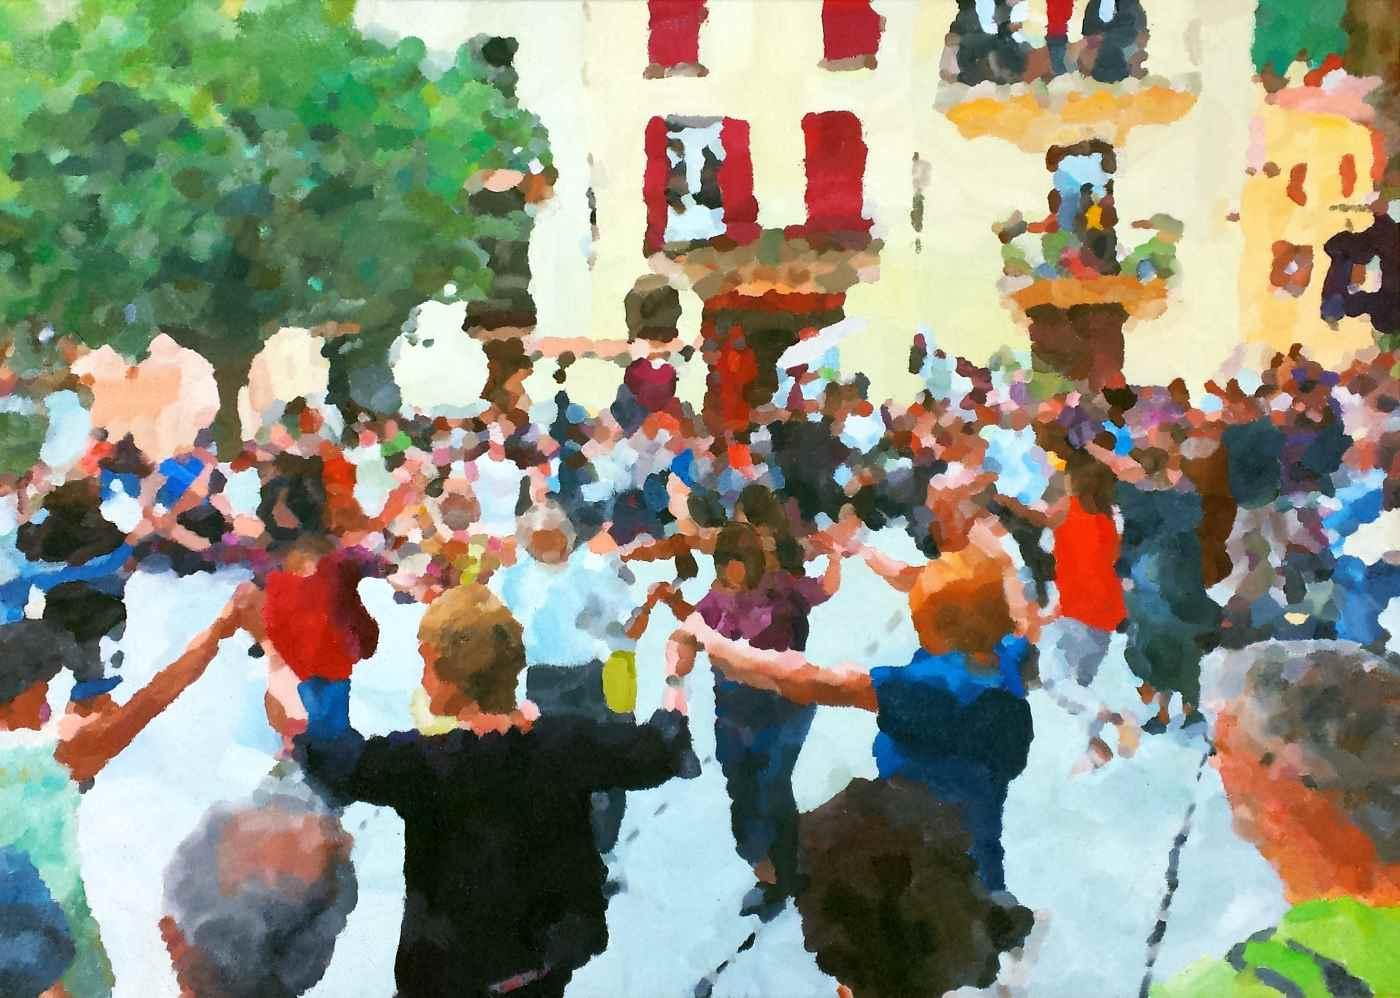 Sardana in Arles sur Tech 70 x 50 cm december 2015 € 275